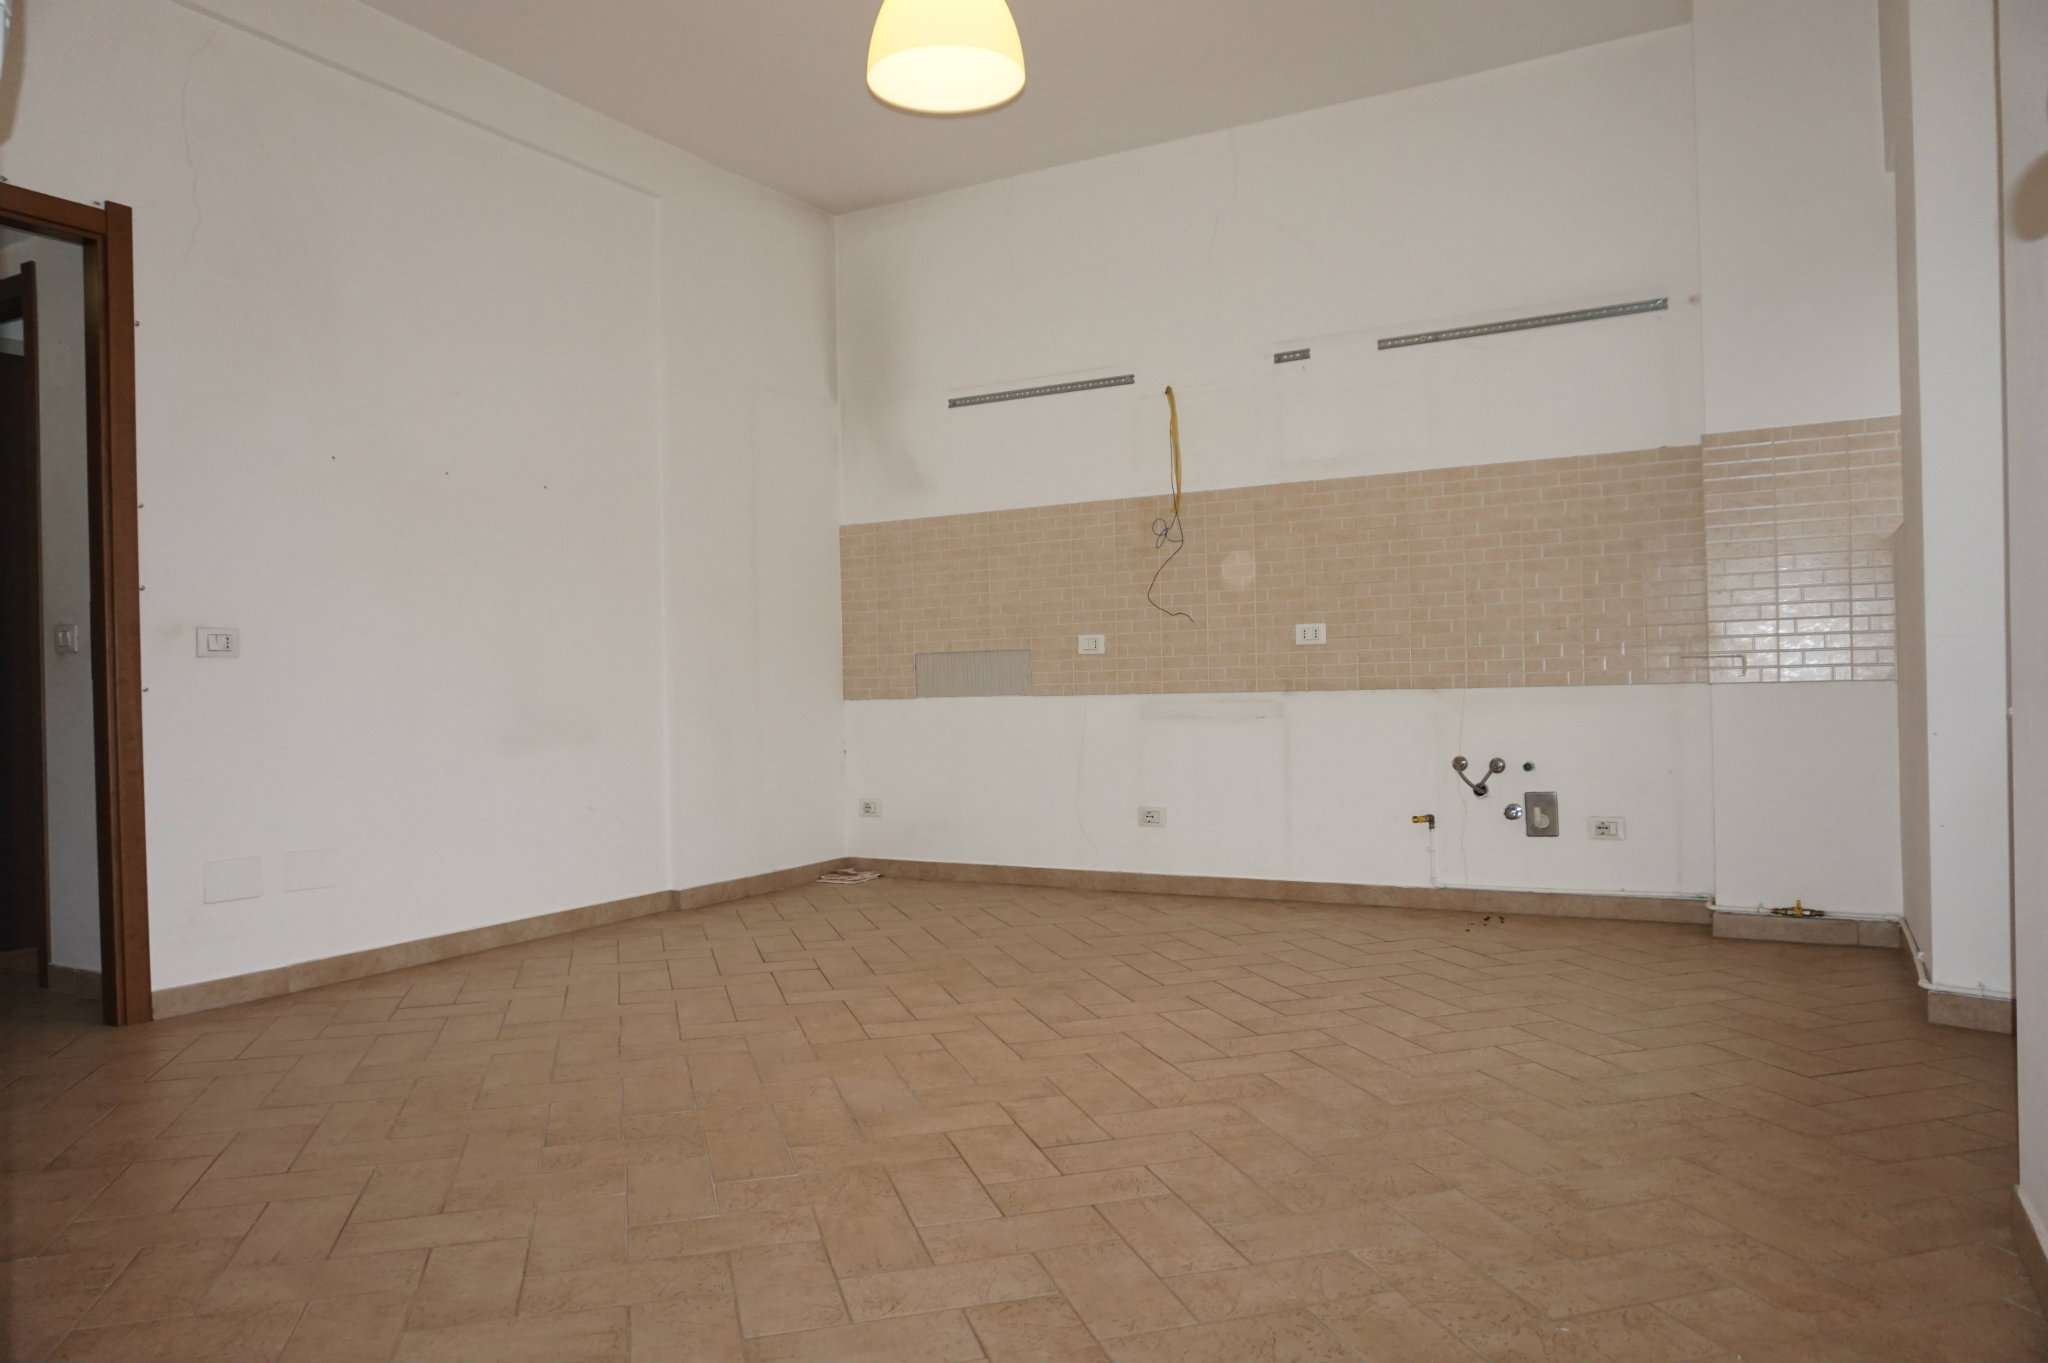 Appartamento in affitto a Milano, 2 locali, zona Zona: 10 . P.ta Genova, Romolo, Solari, Savona, Tortona, prezzo € 850   Cambio Casa.it